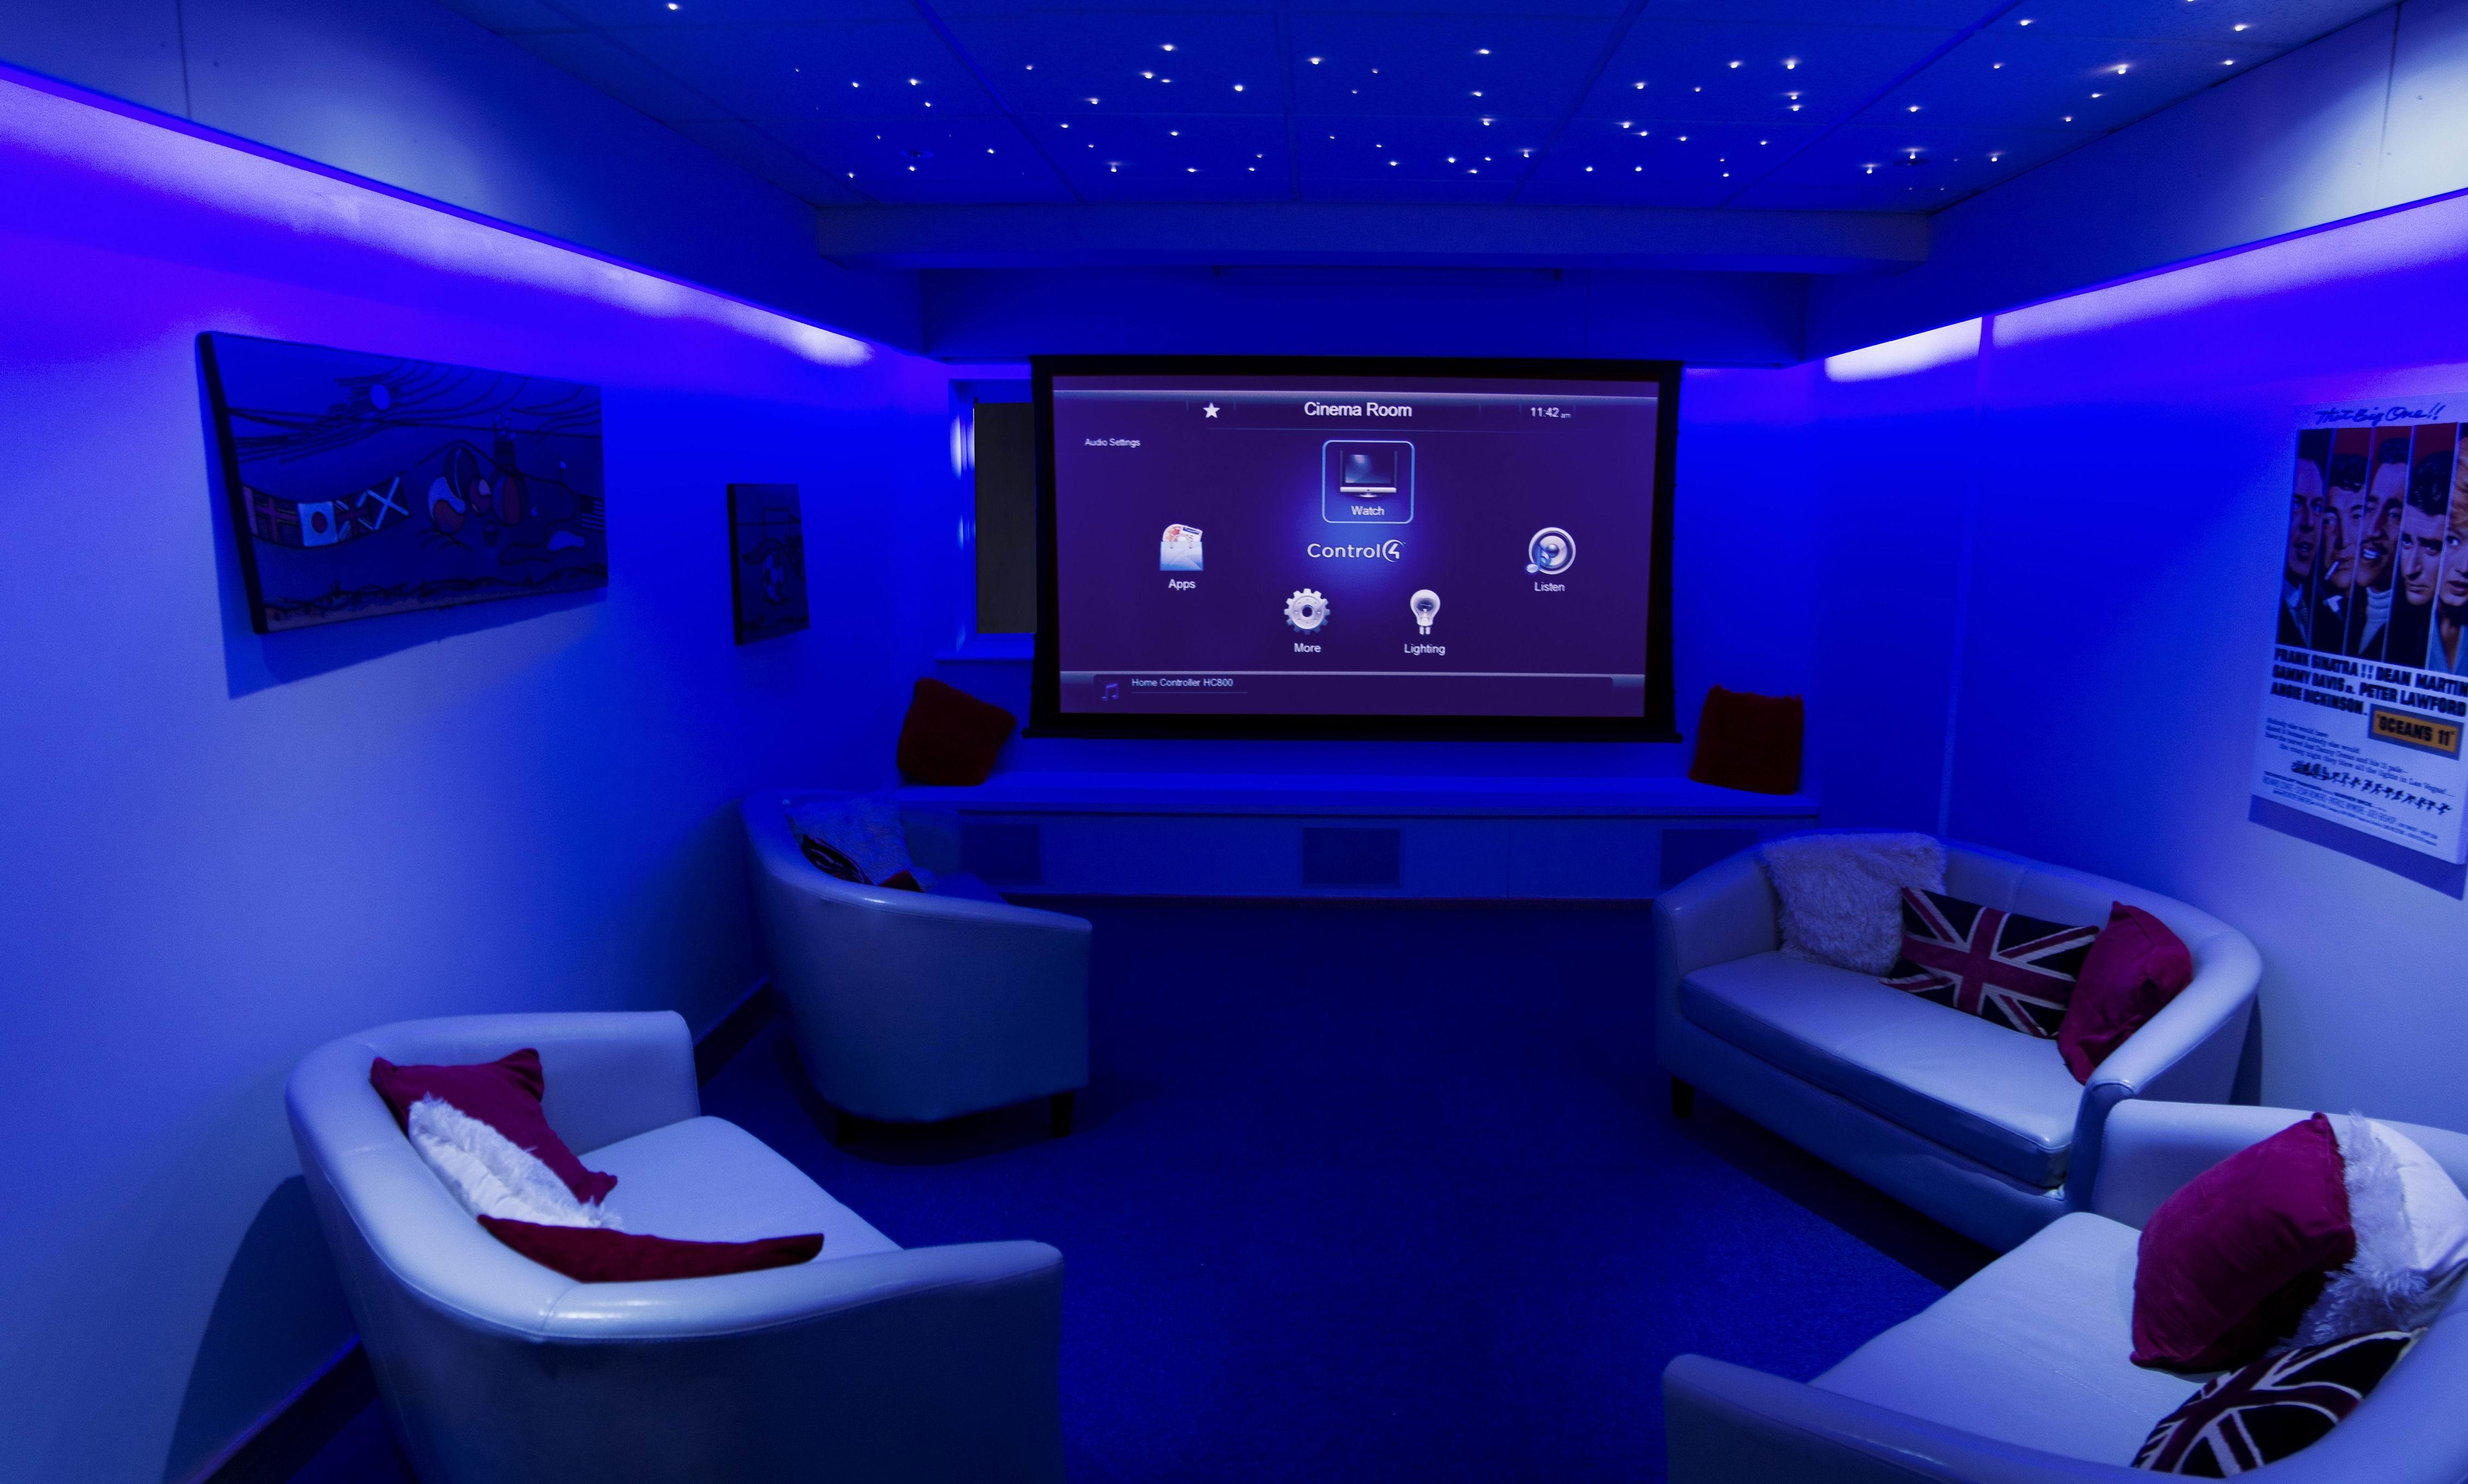 Как вывести звук телевизора на домашний кинотеатр?